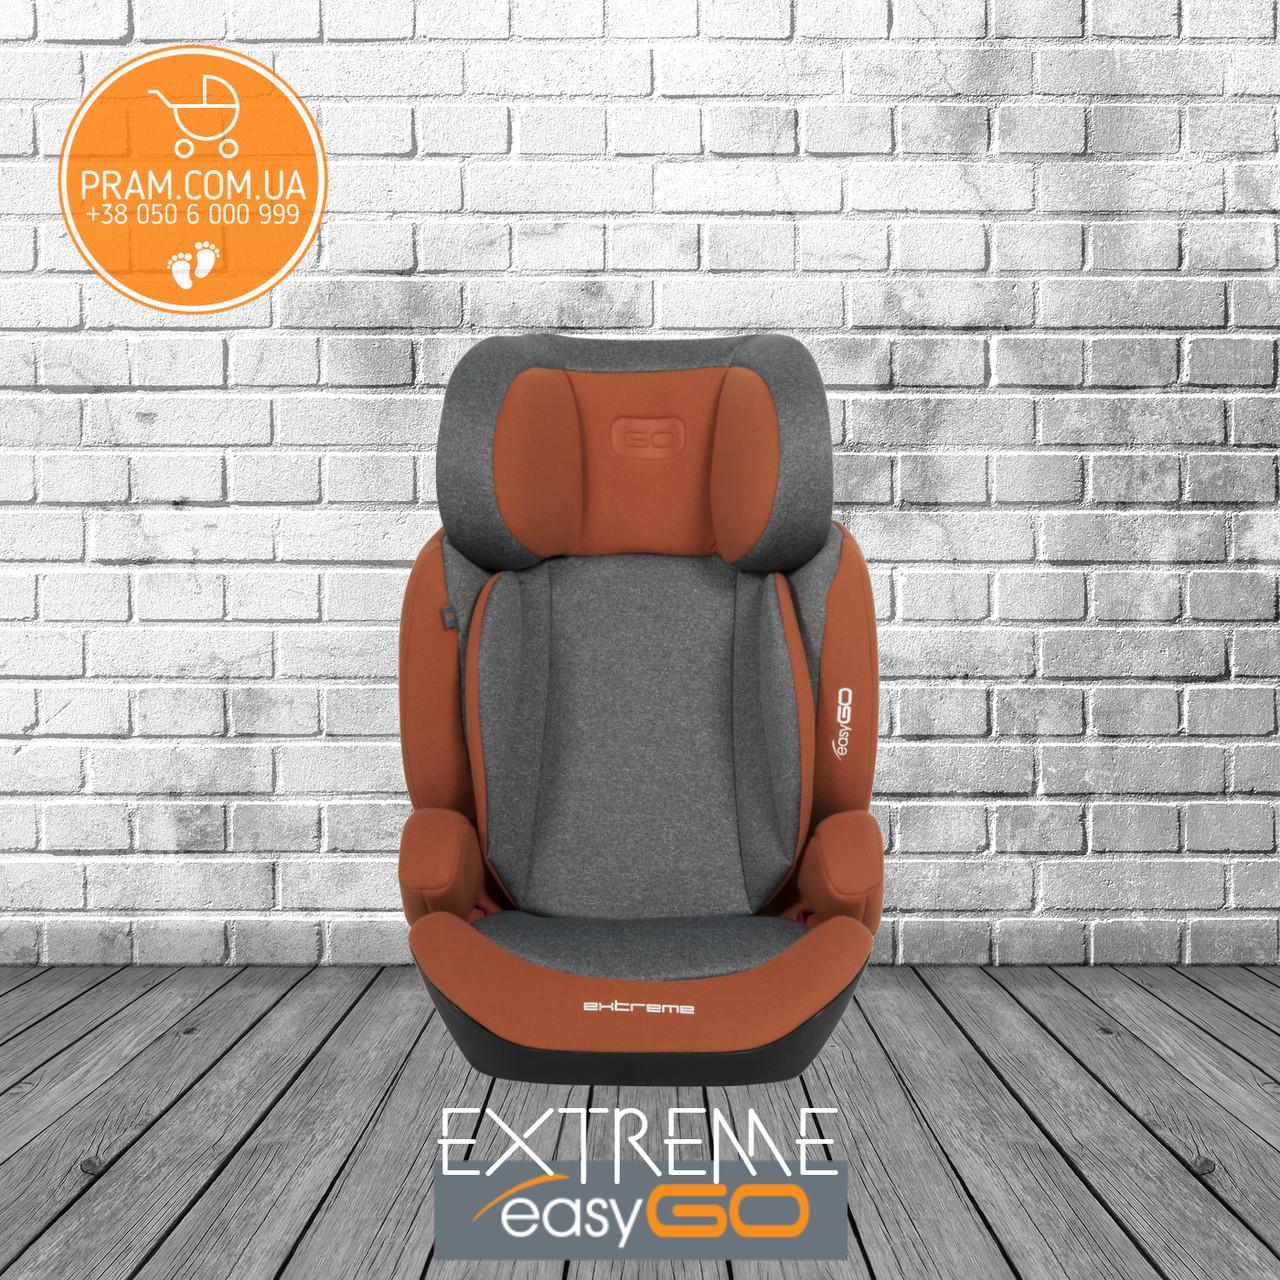 EasyGO EXTREME автокресло группы 2-3 (15-36 кг) Copper Оранжевый, фото 1